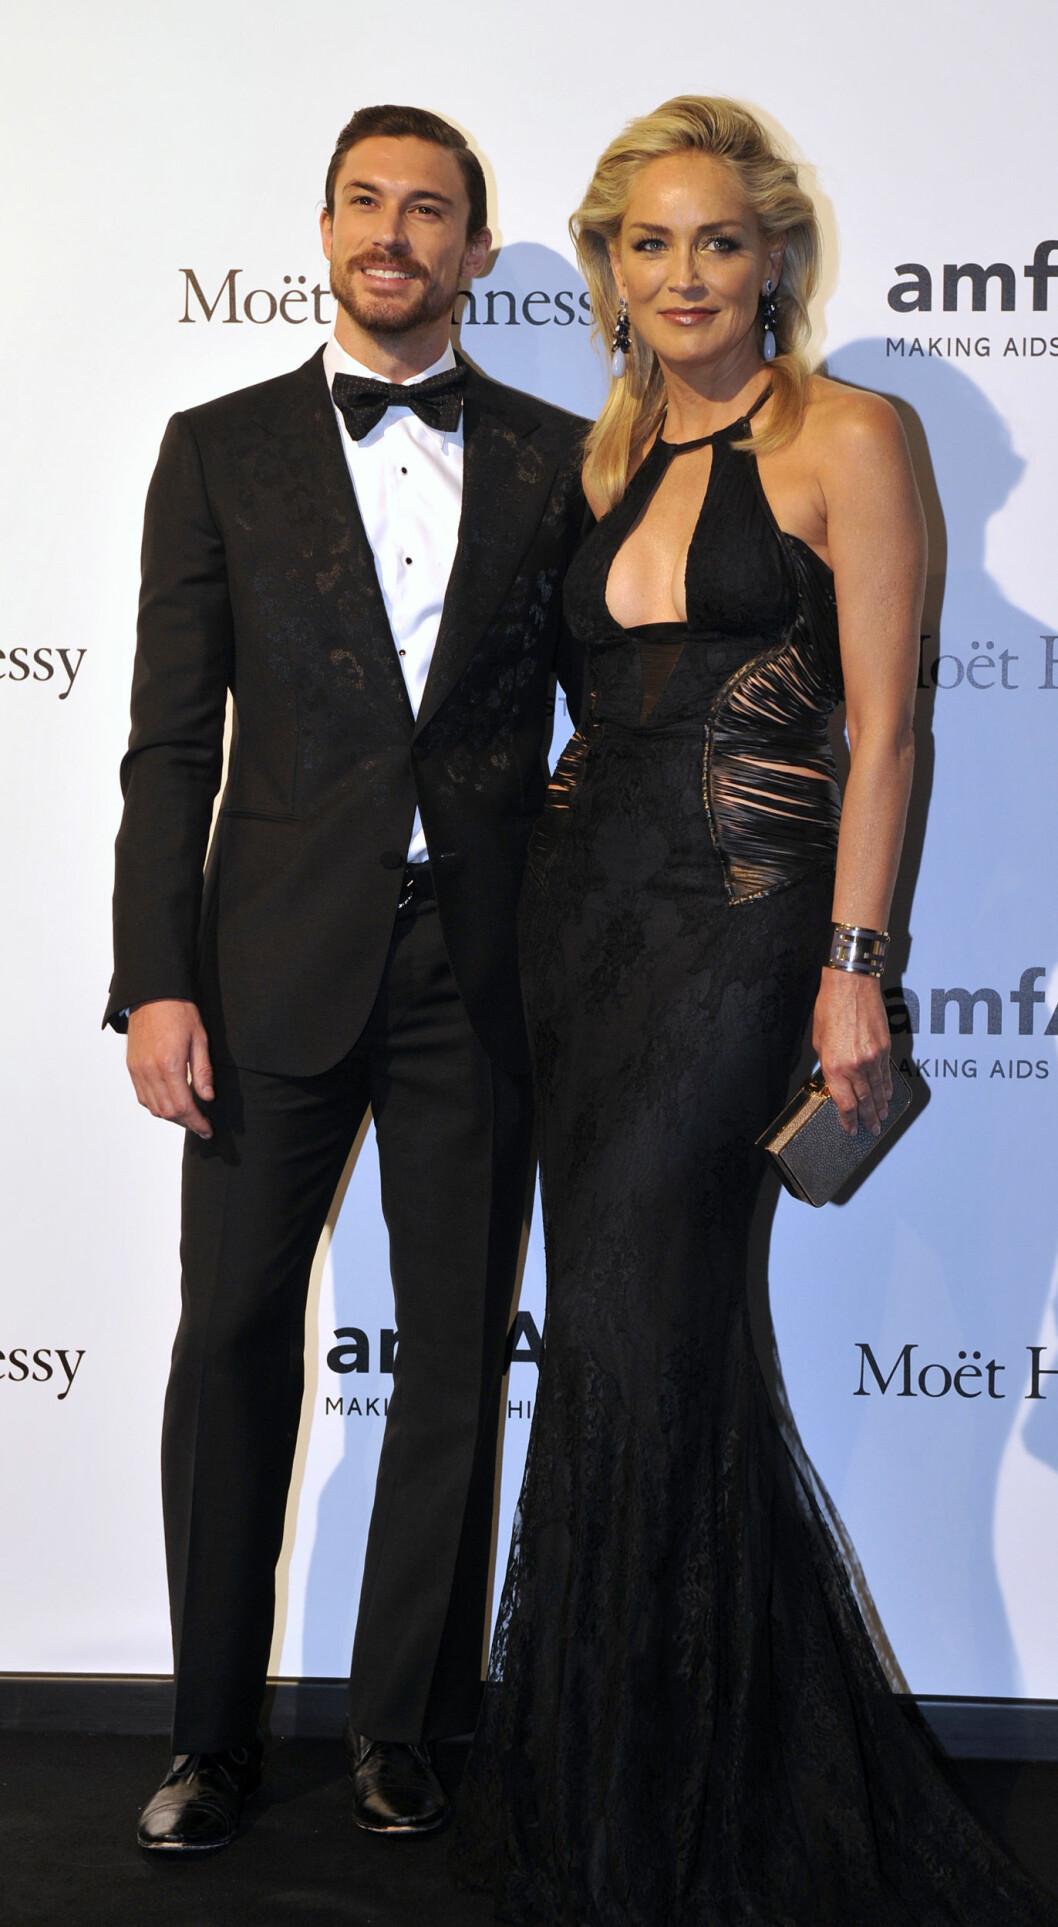 30 ÅRS FORSKJELL: Skuespiller Sharon Stone var kjæreste med den 30 år yngre argentinske kjekkasen Martin Mica (27), før lykken brast i 2013. Foto: NTB Scanpix